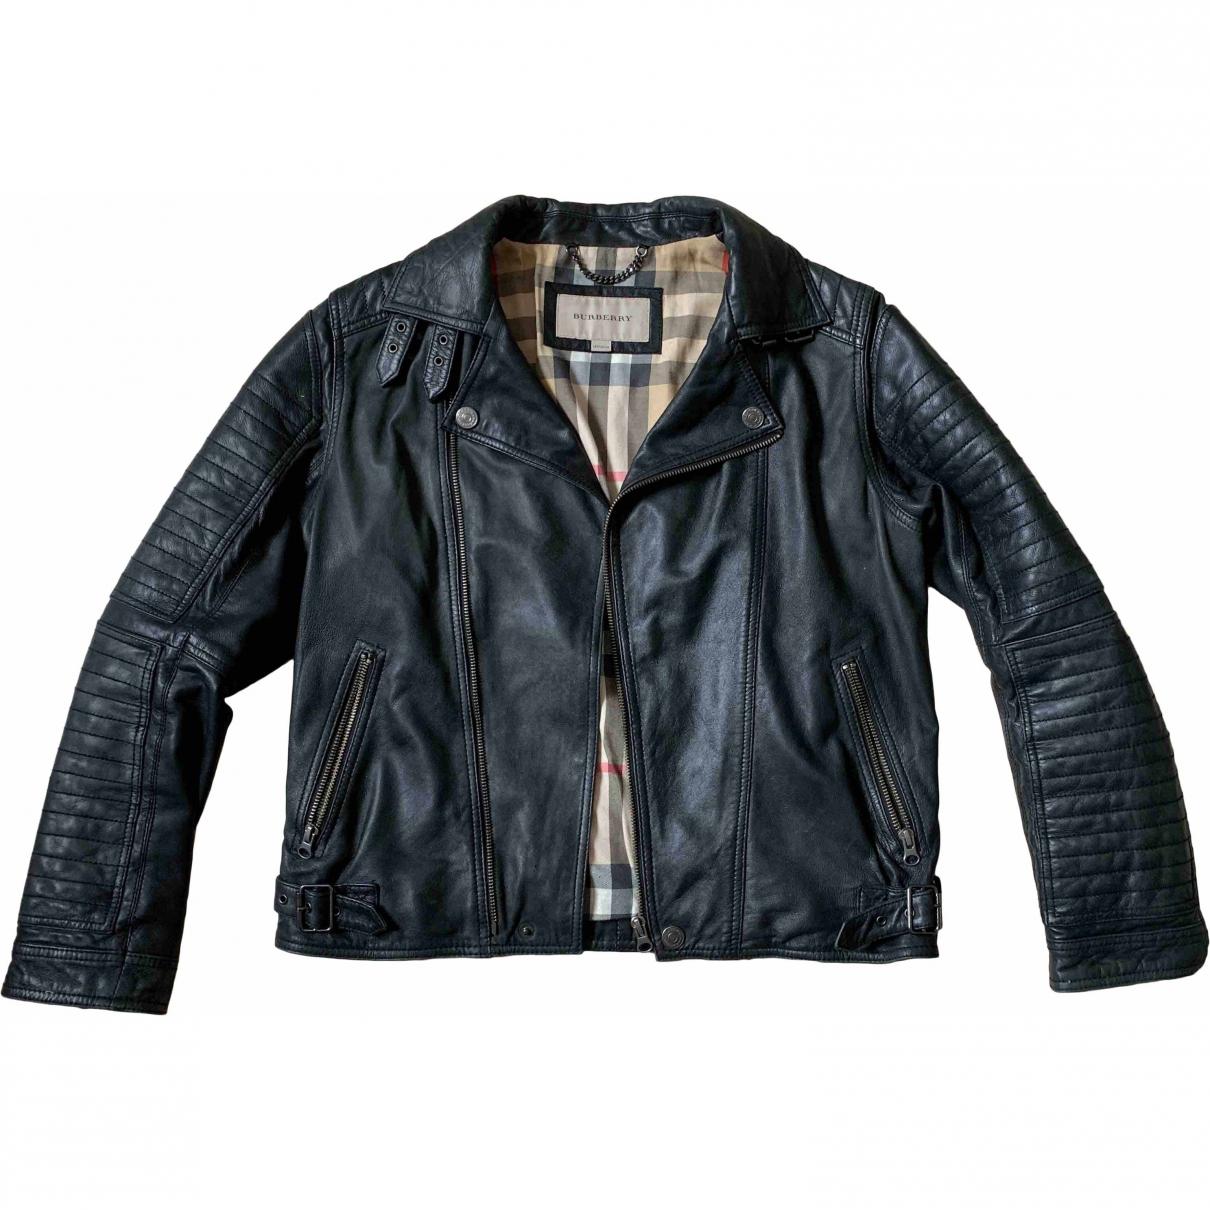 Burberry - Blousons.Manteaux   pour enfant en cuir - noir